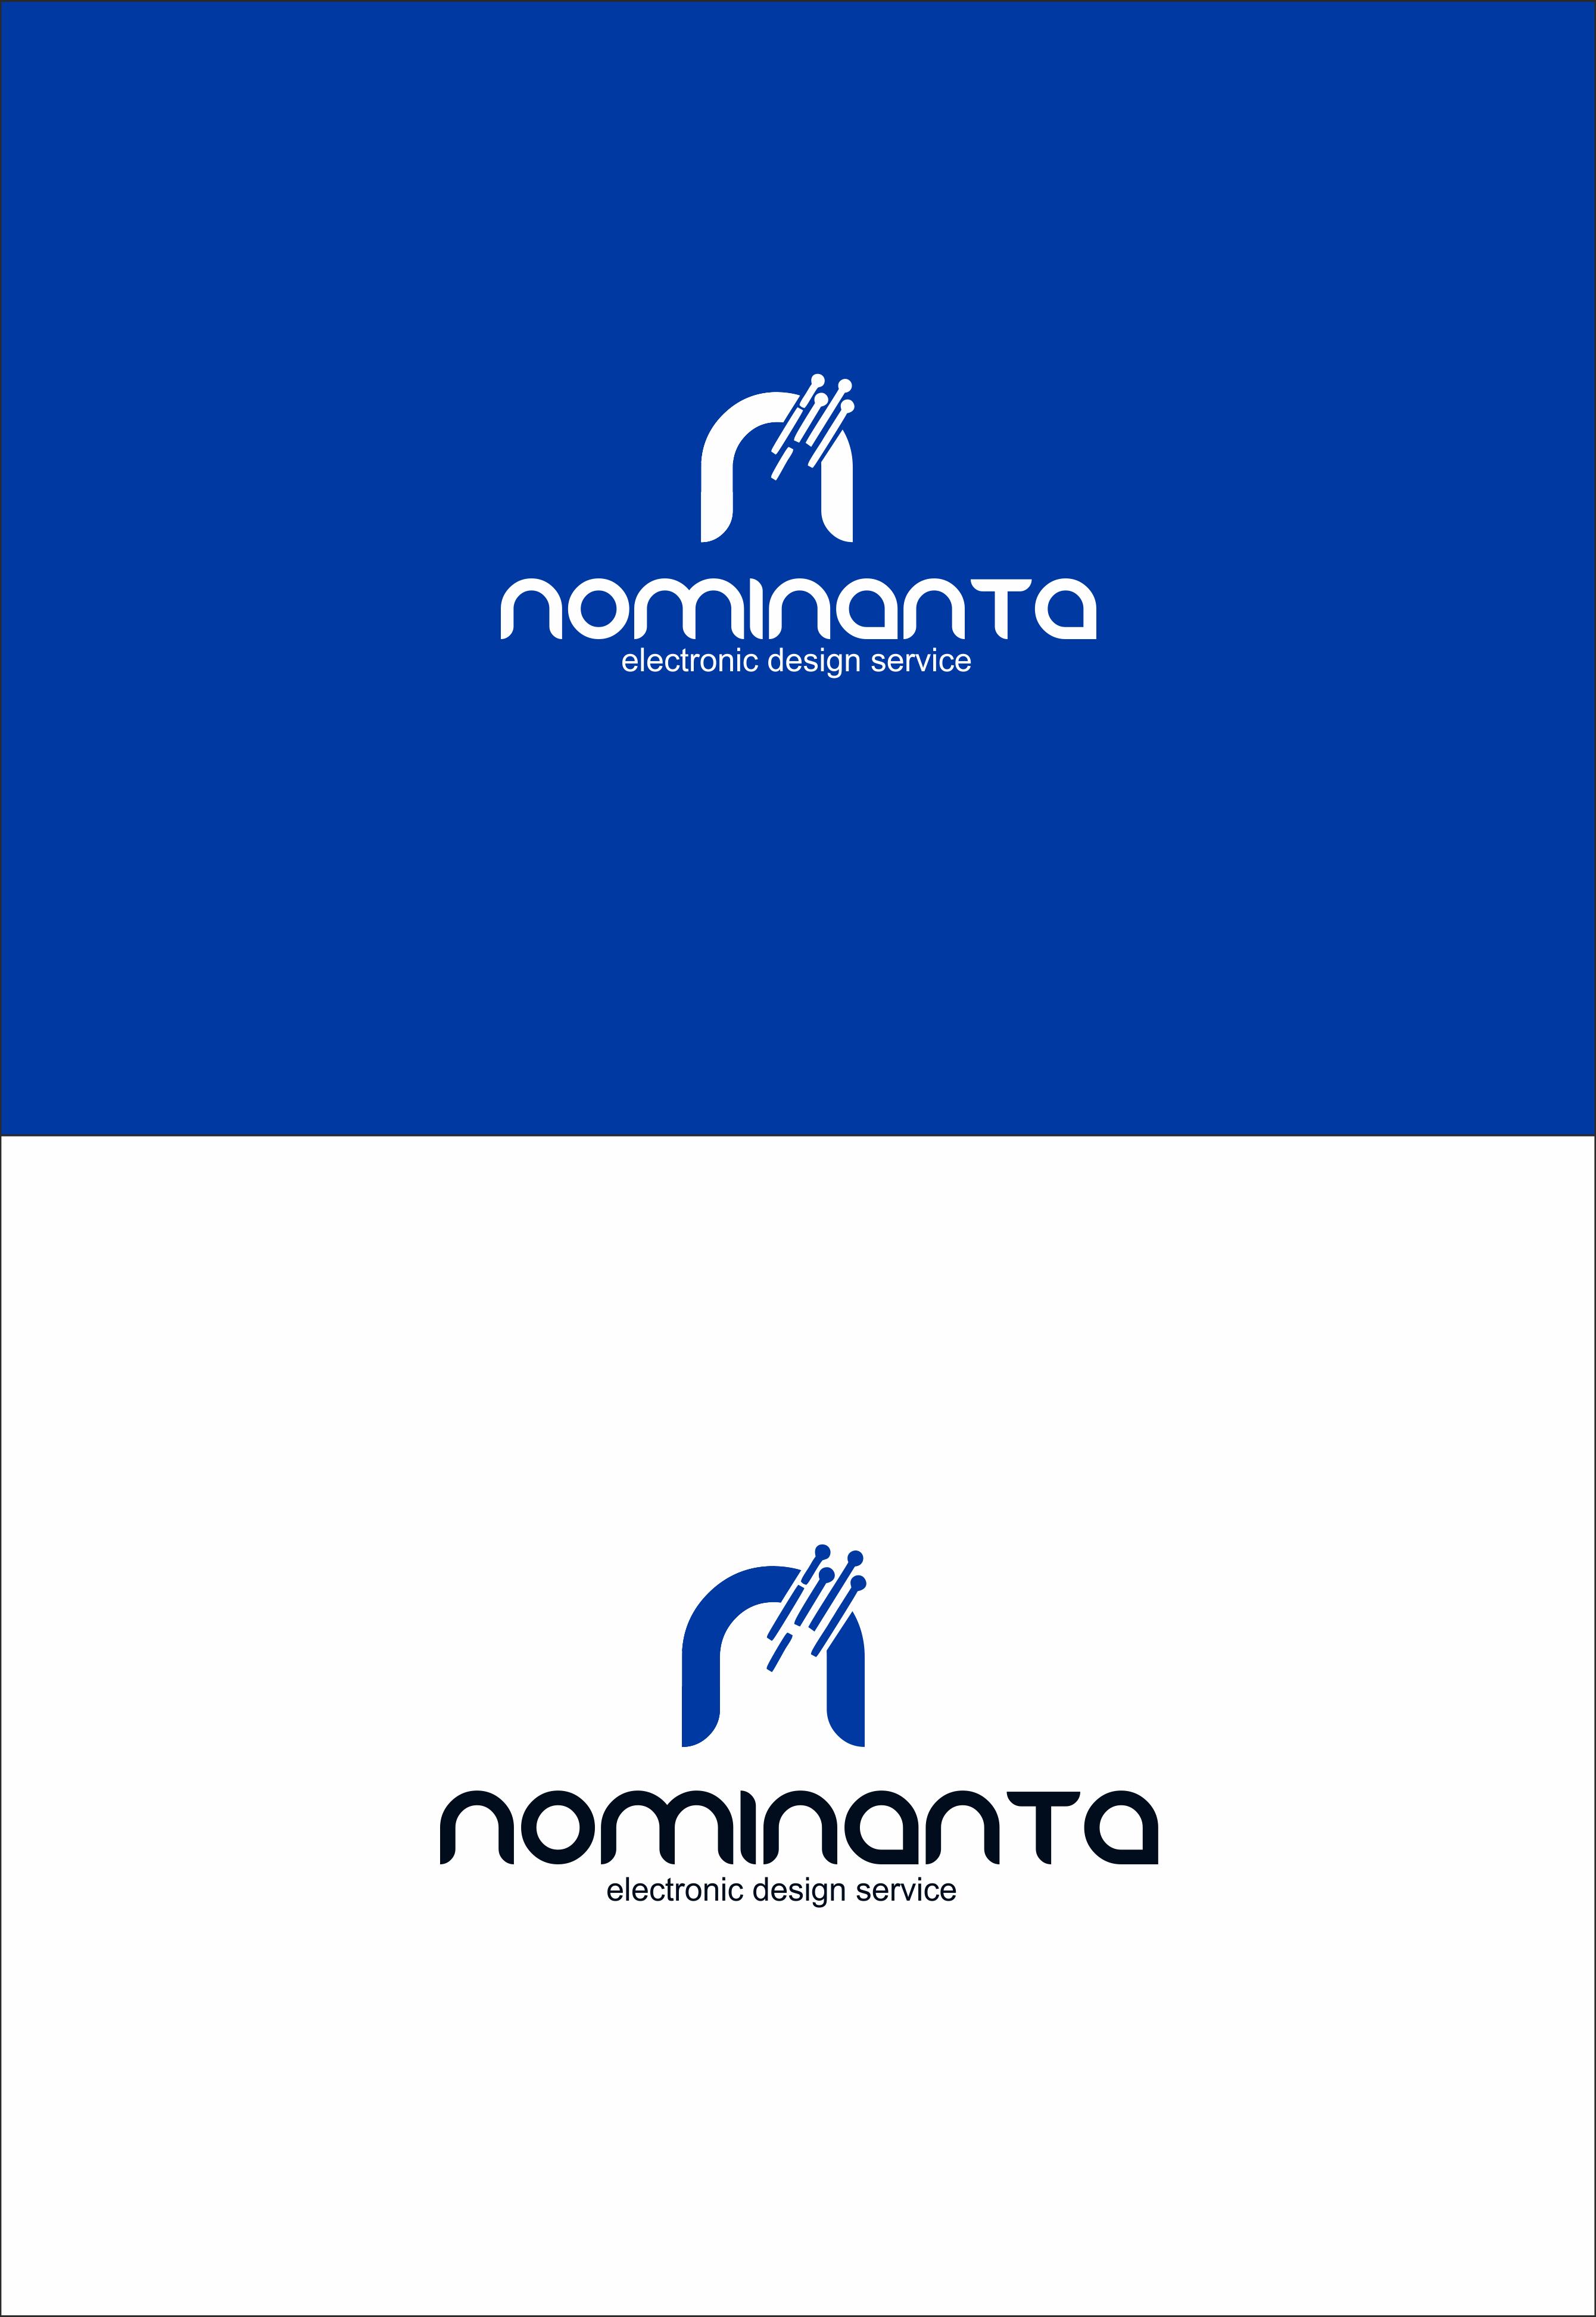 Разработать логотип для КБ по разработке электроники фото f_4725e402a82bbddc.png